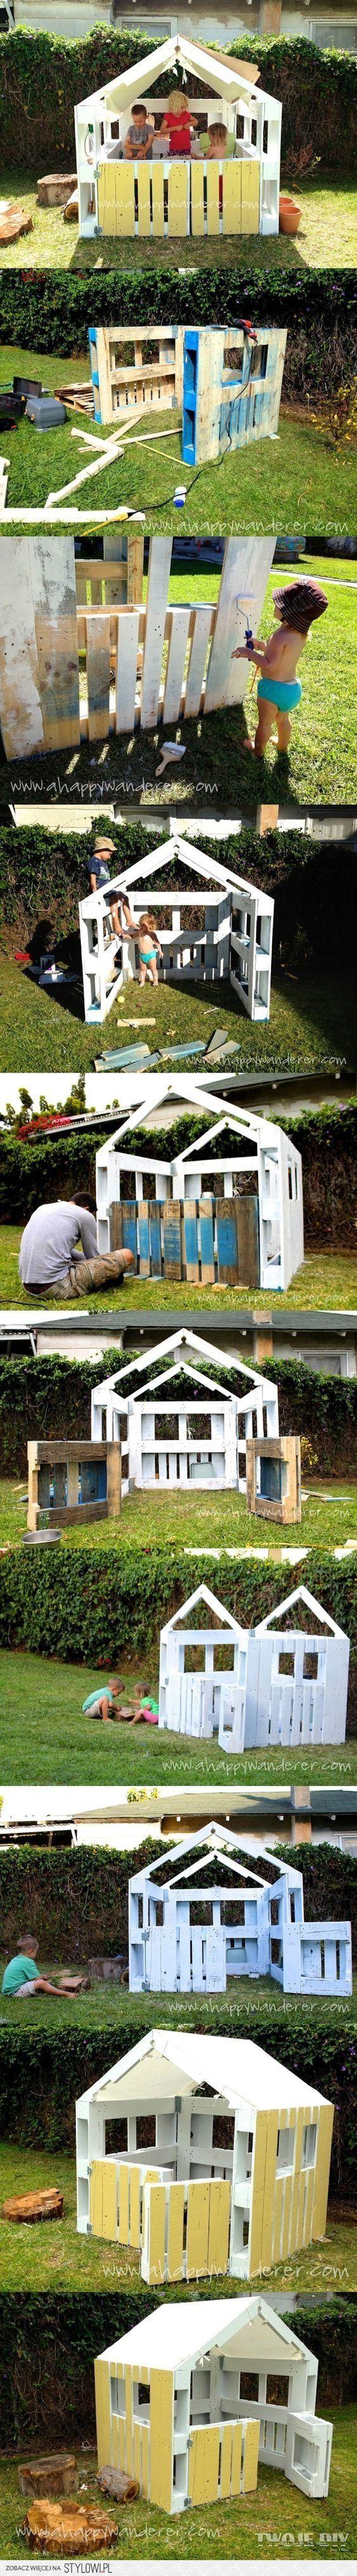 cabane de jardin pour les enfants DIY très ingénieux!  Ils seront ravis d'y prendre part